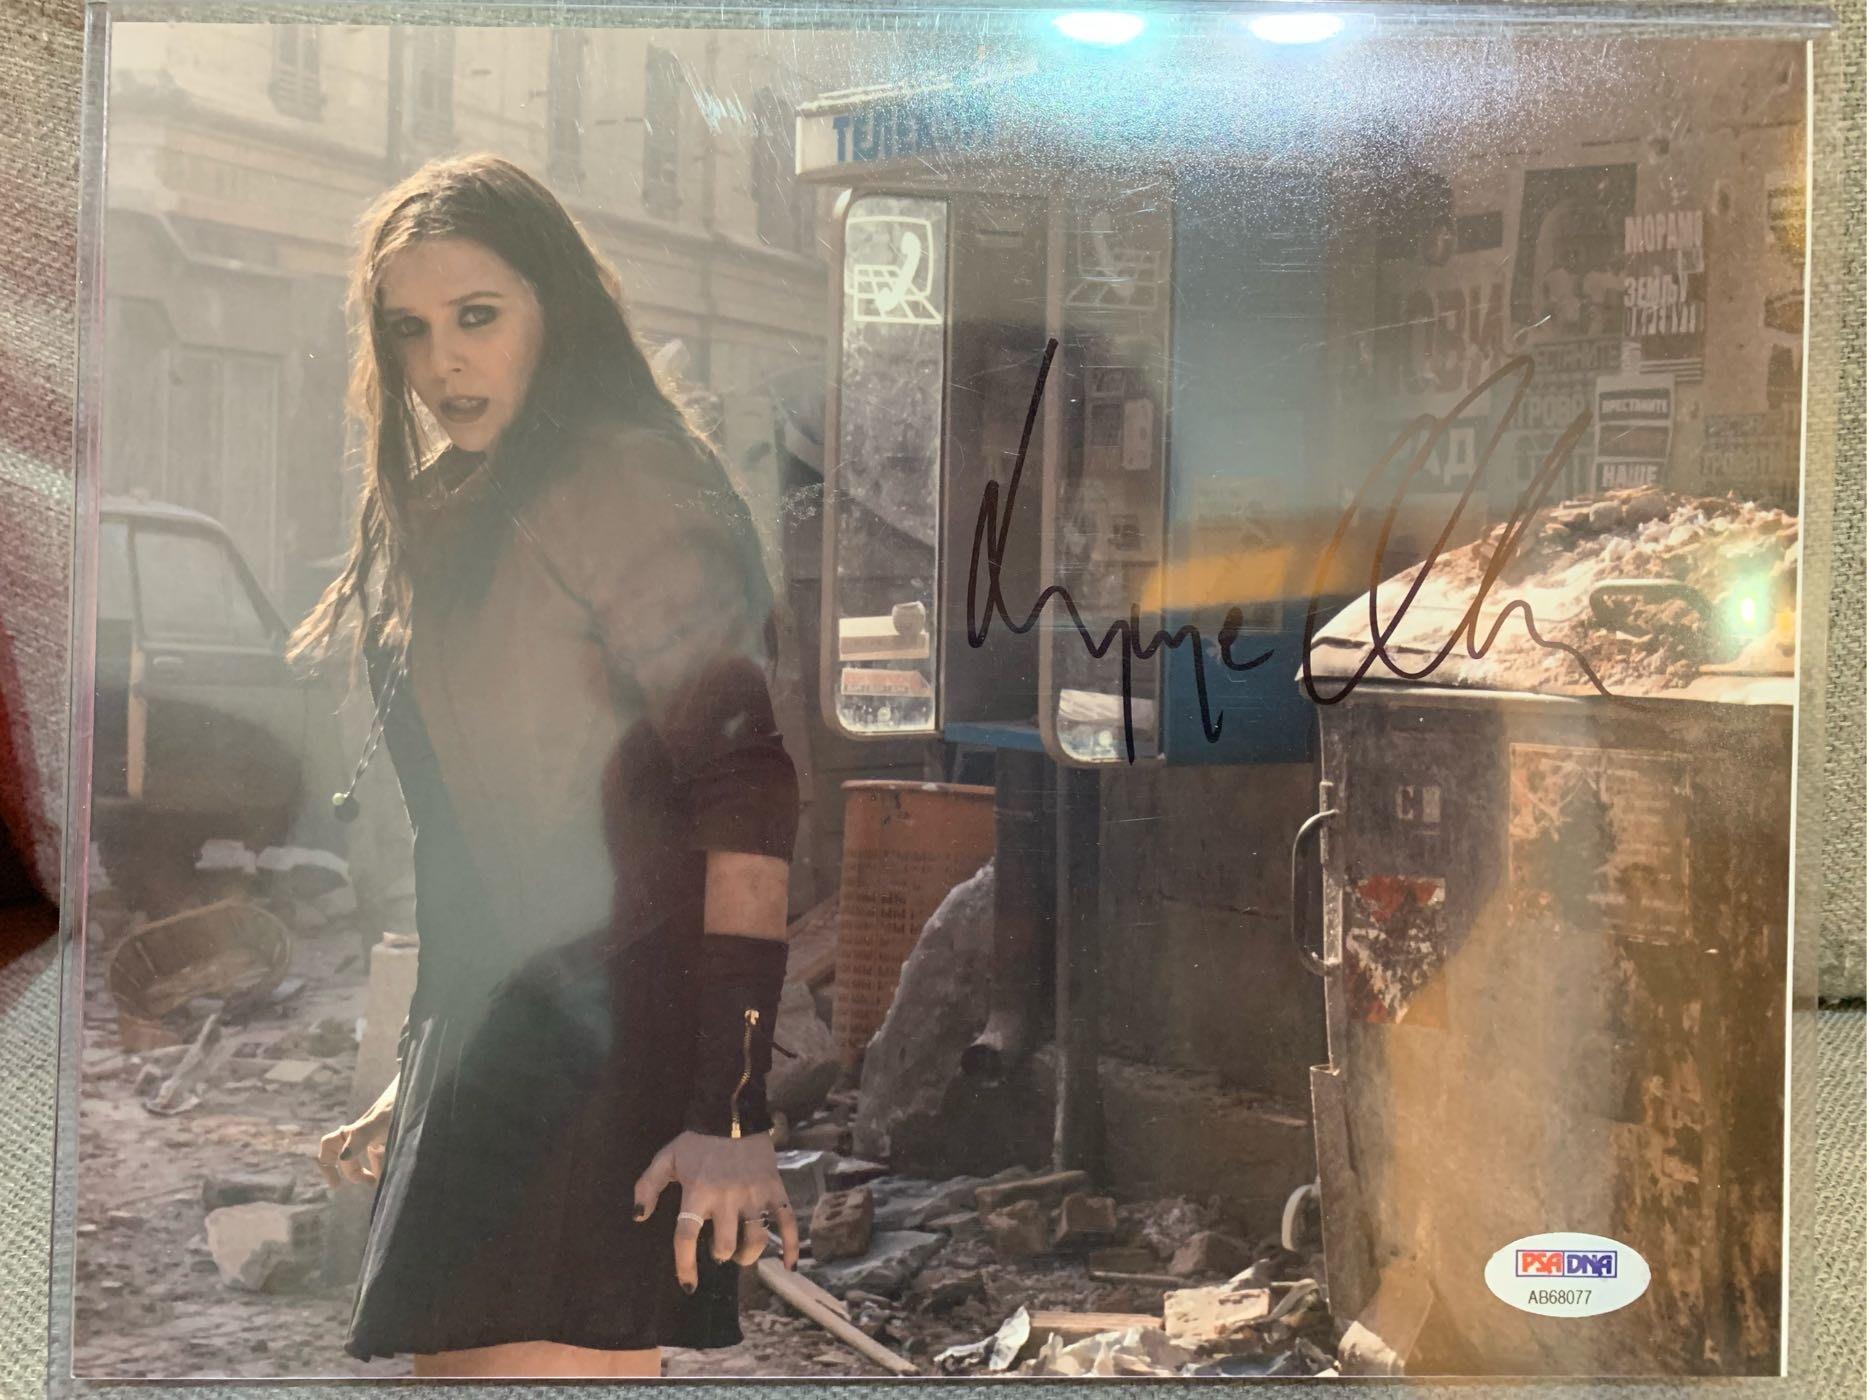 漫威 MARVEL 復仇者聯盟 終局之戰 緋紅女巫 Elizabeth Olsen 親筆簽名照 8x10 PSA DNA 認証 iron man